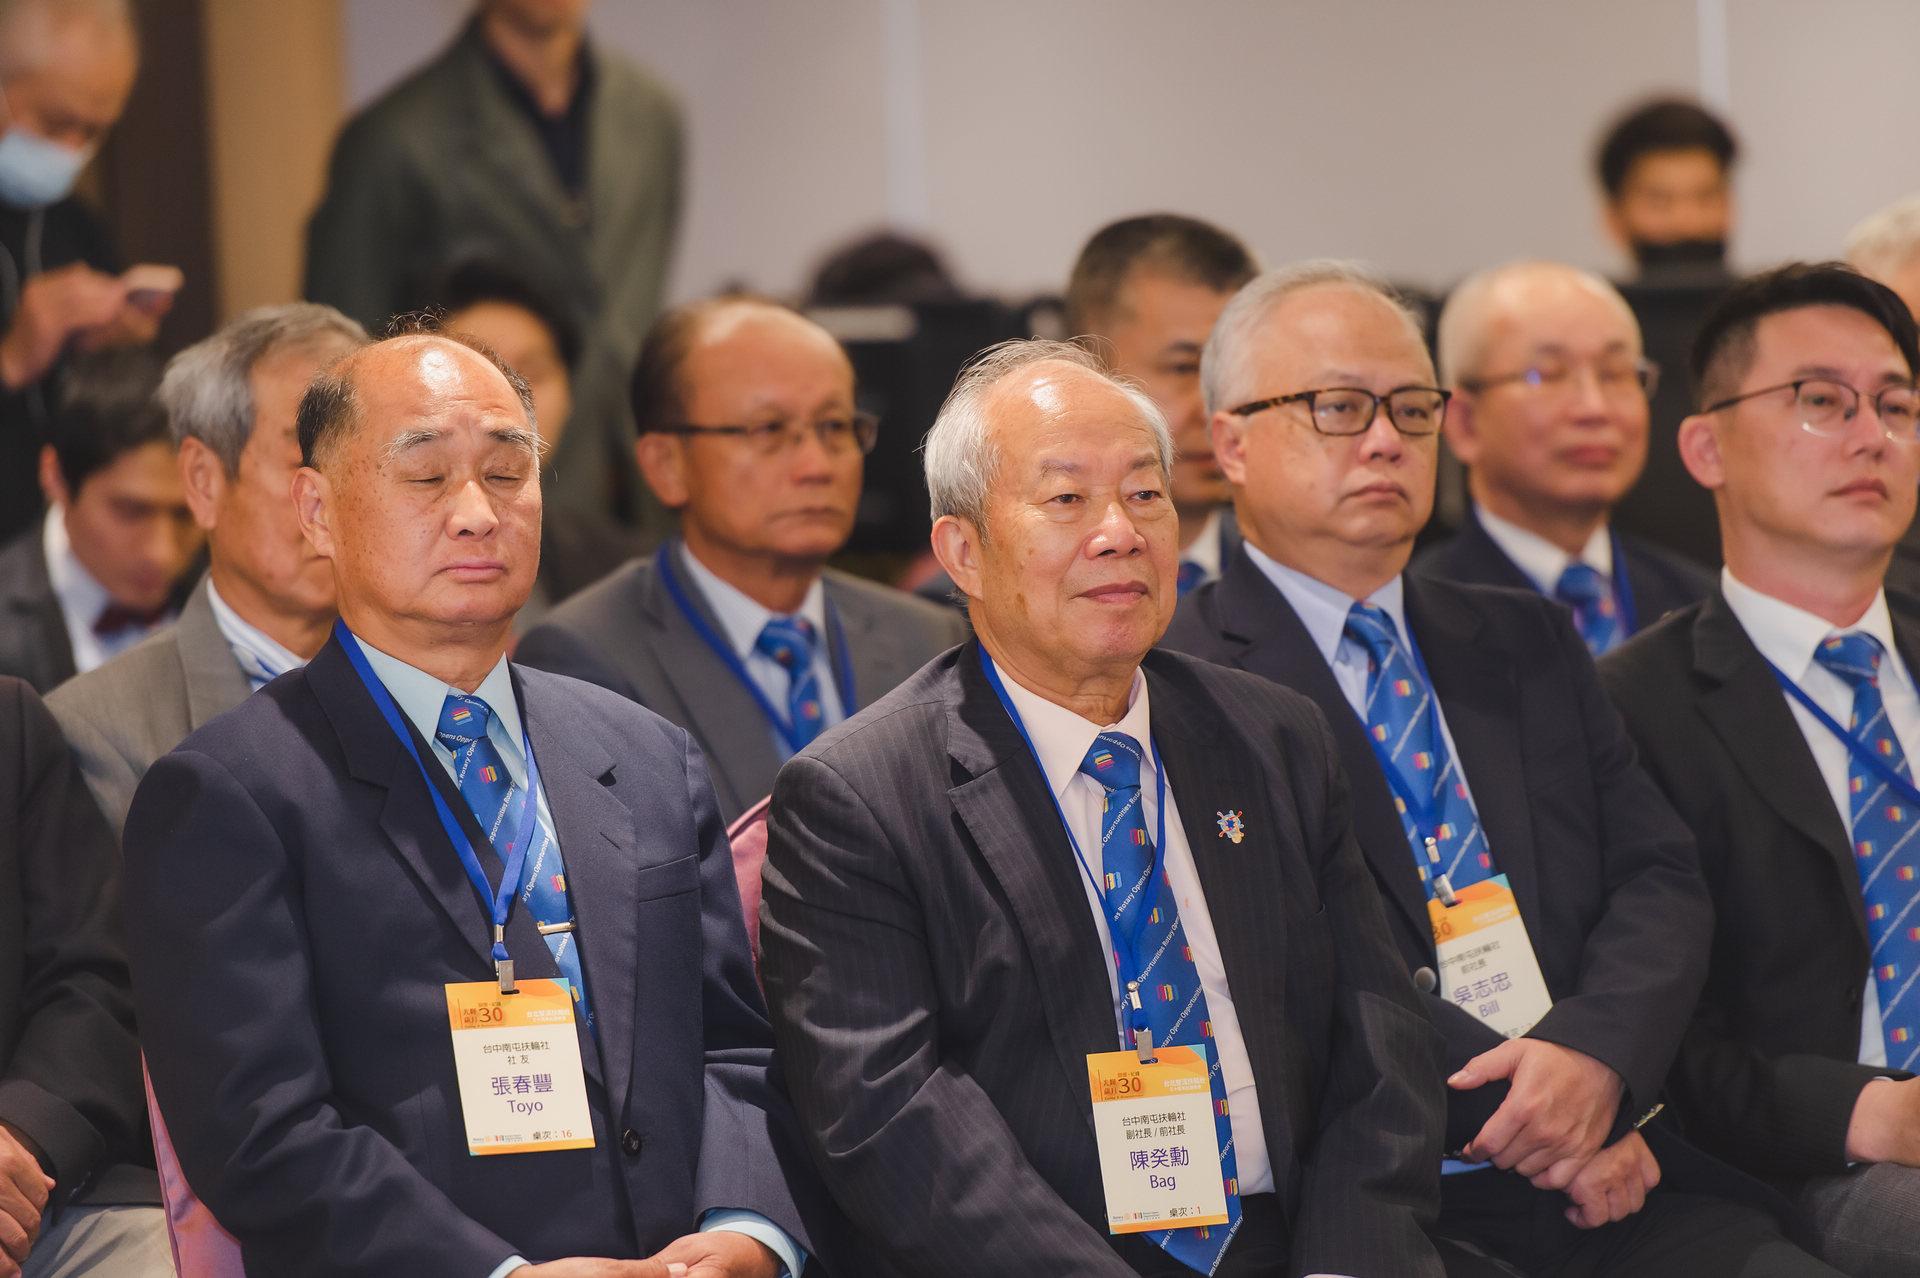 [活動攝影]台北雙溪社與日本大東社續盟-即拍即印